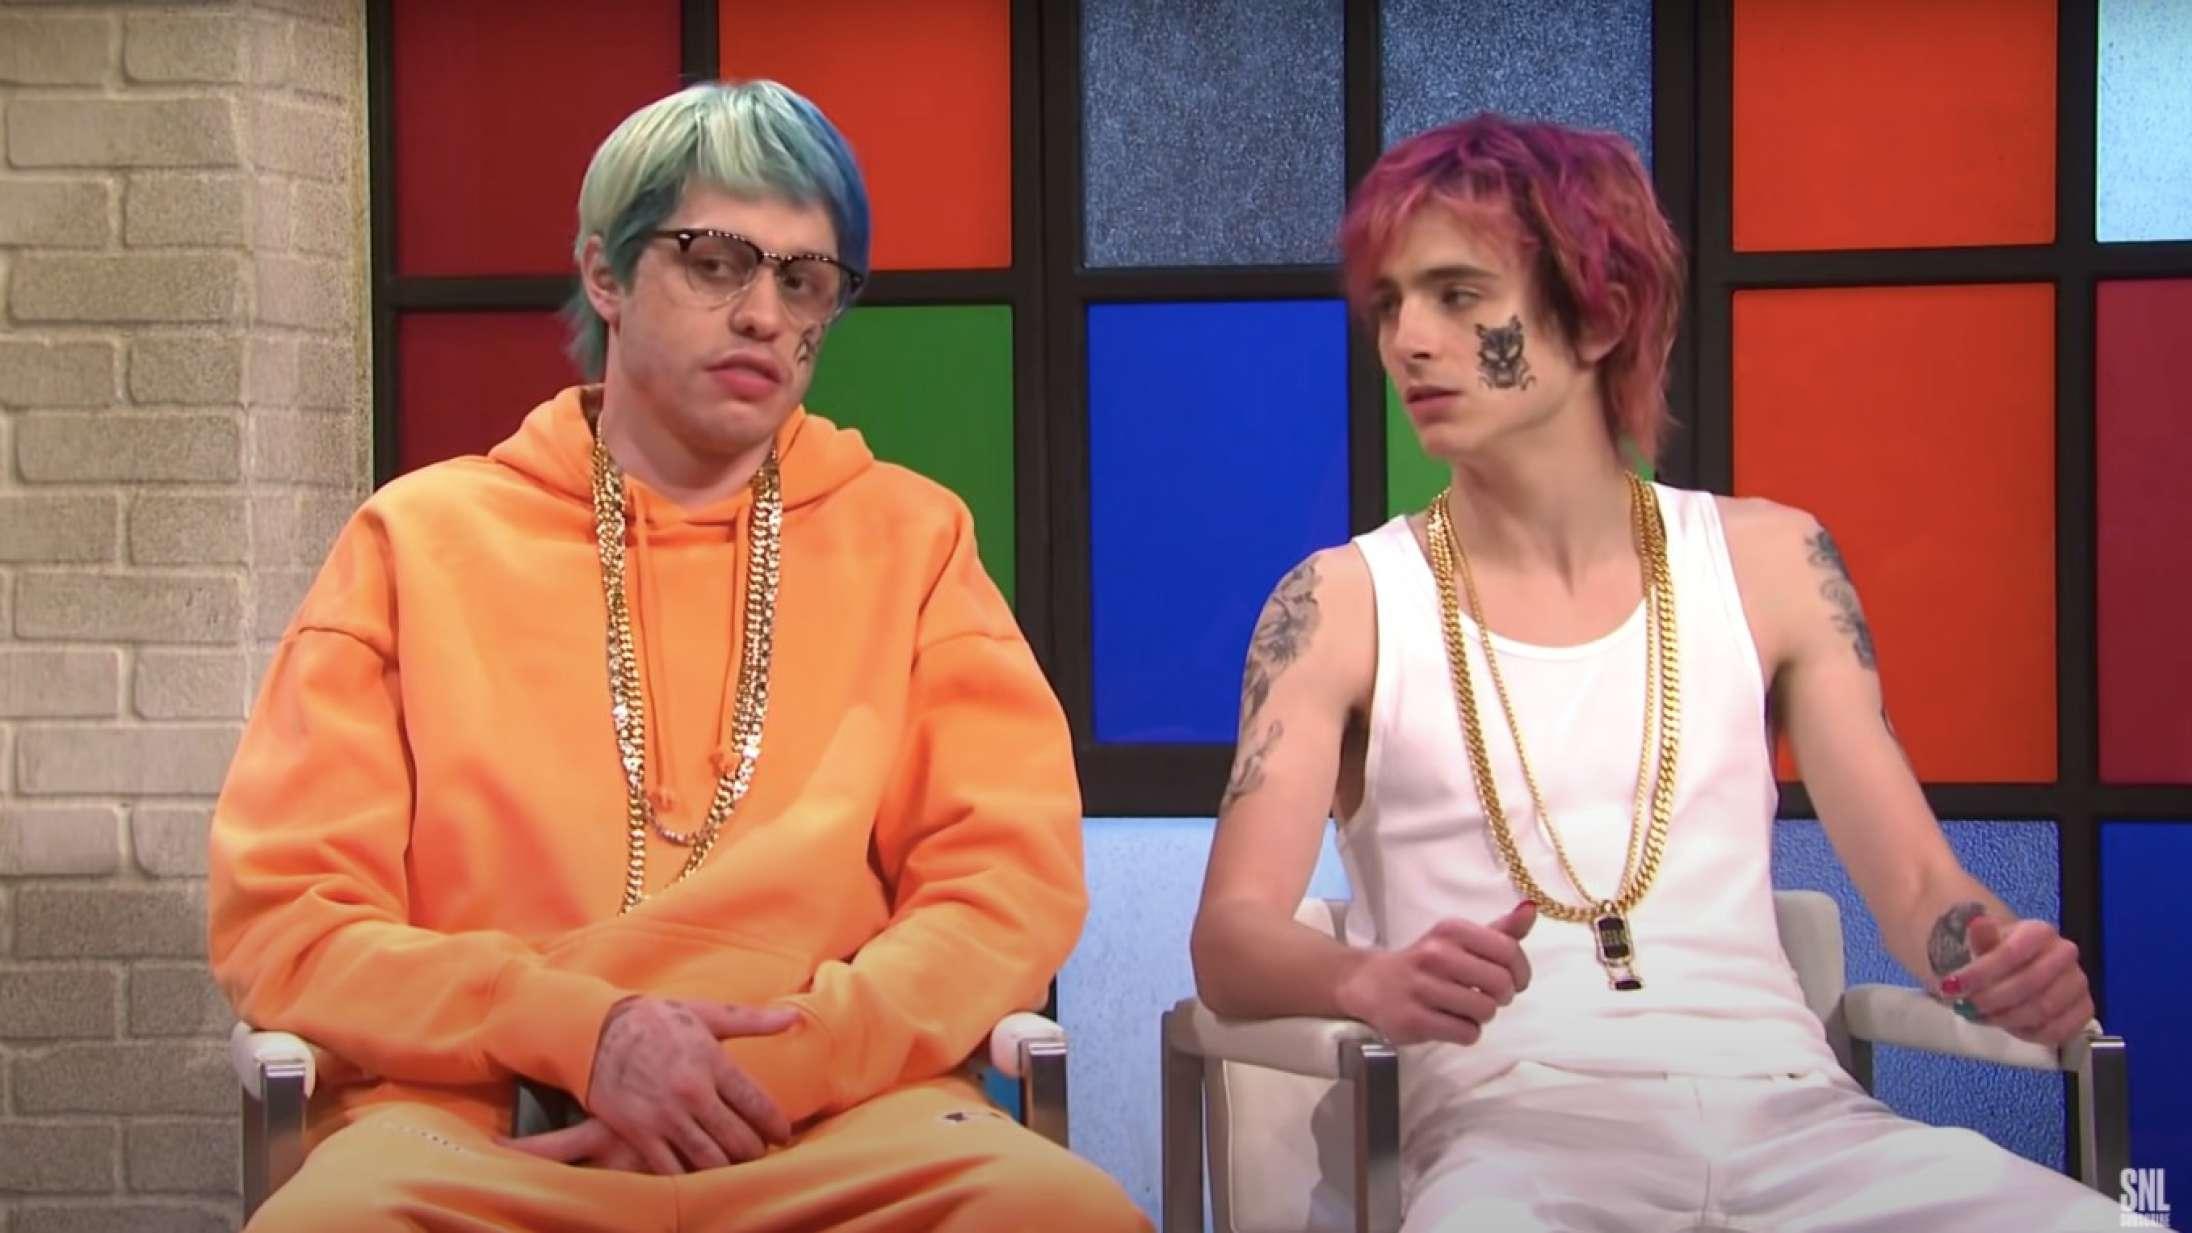 Pete Davidson ville gerne slås ægte i hovedet af Questlove i en af sæsonens mest virale 'SNL'-sketches